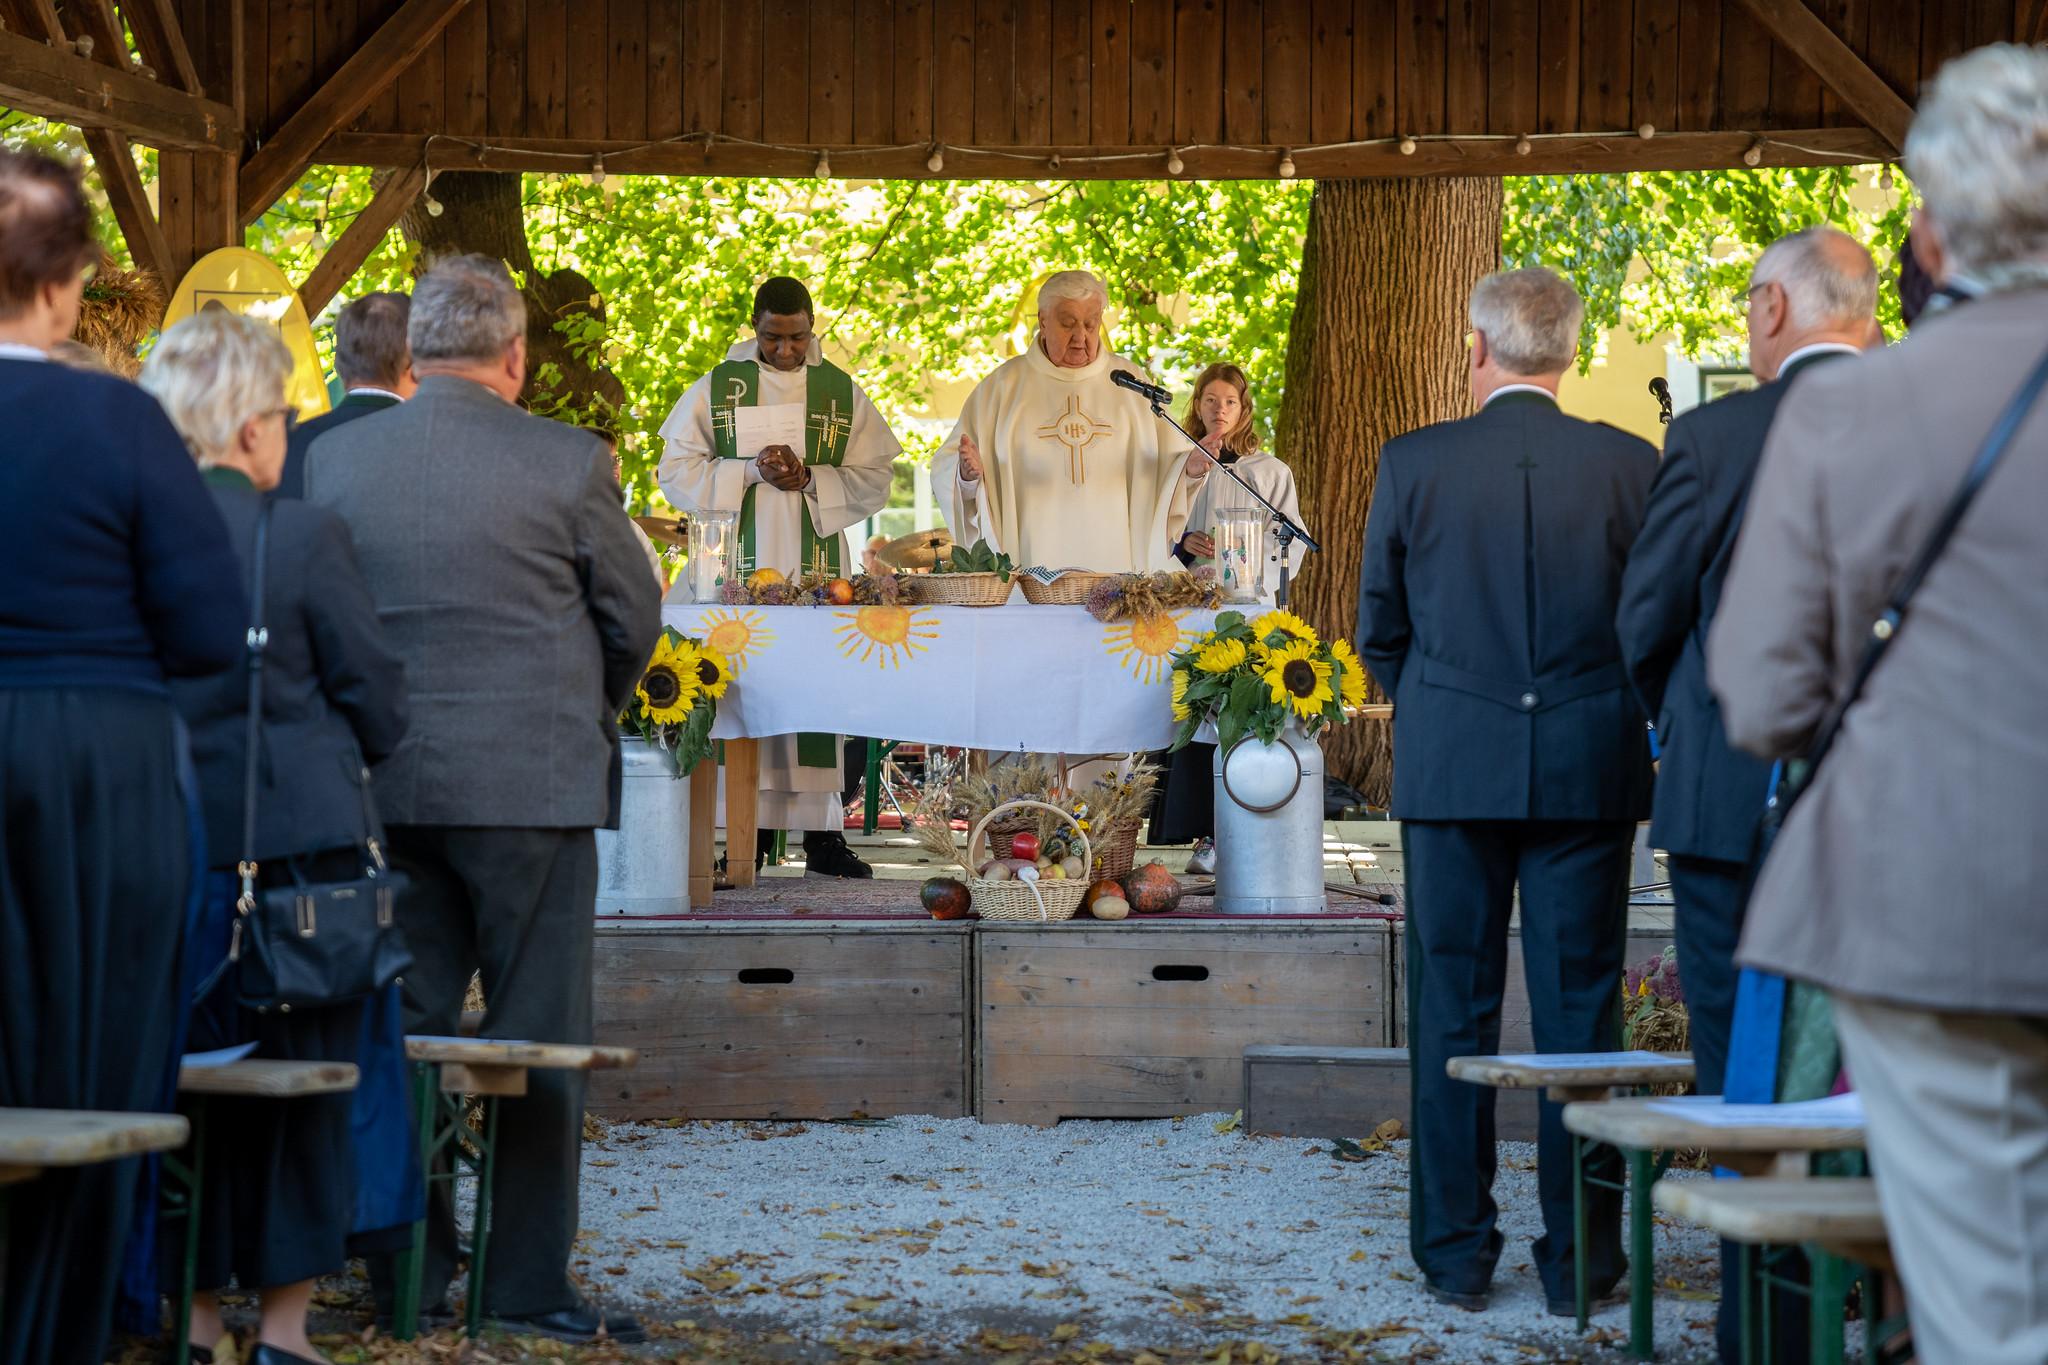 Messe bei Bezirkserntedankfest 2019